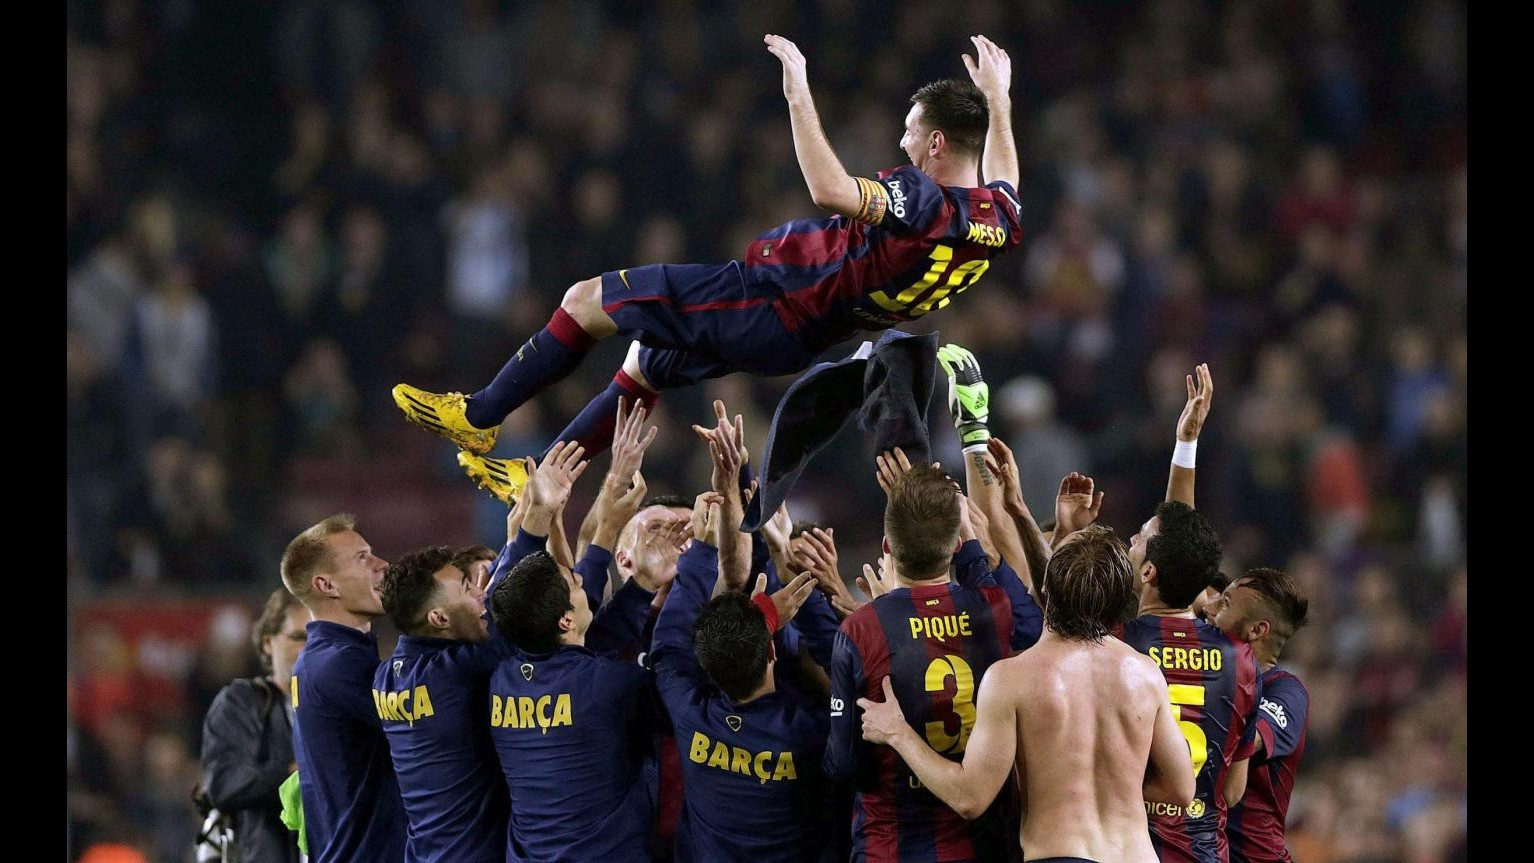 Liga, Messi da record: 253 gol in campionato, Barça-Siviglia 5-1. Poker Real all'Eibar